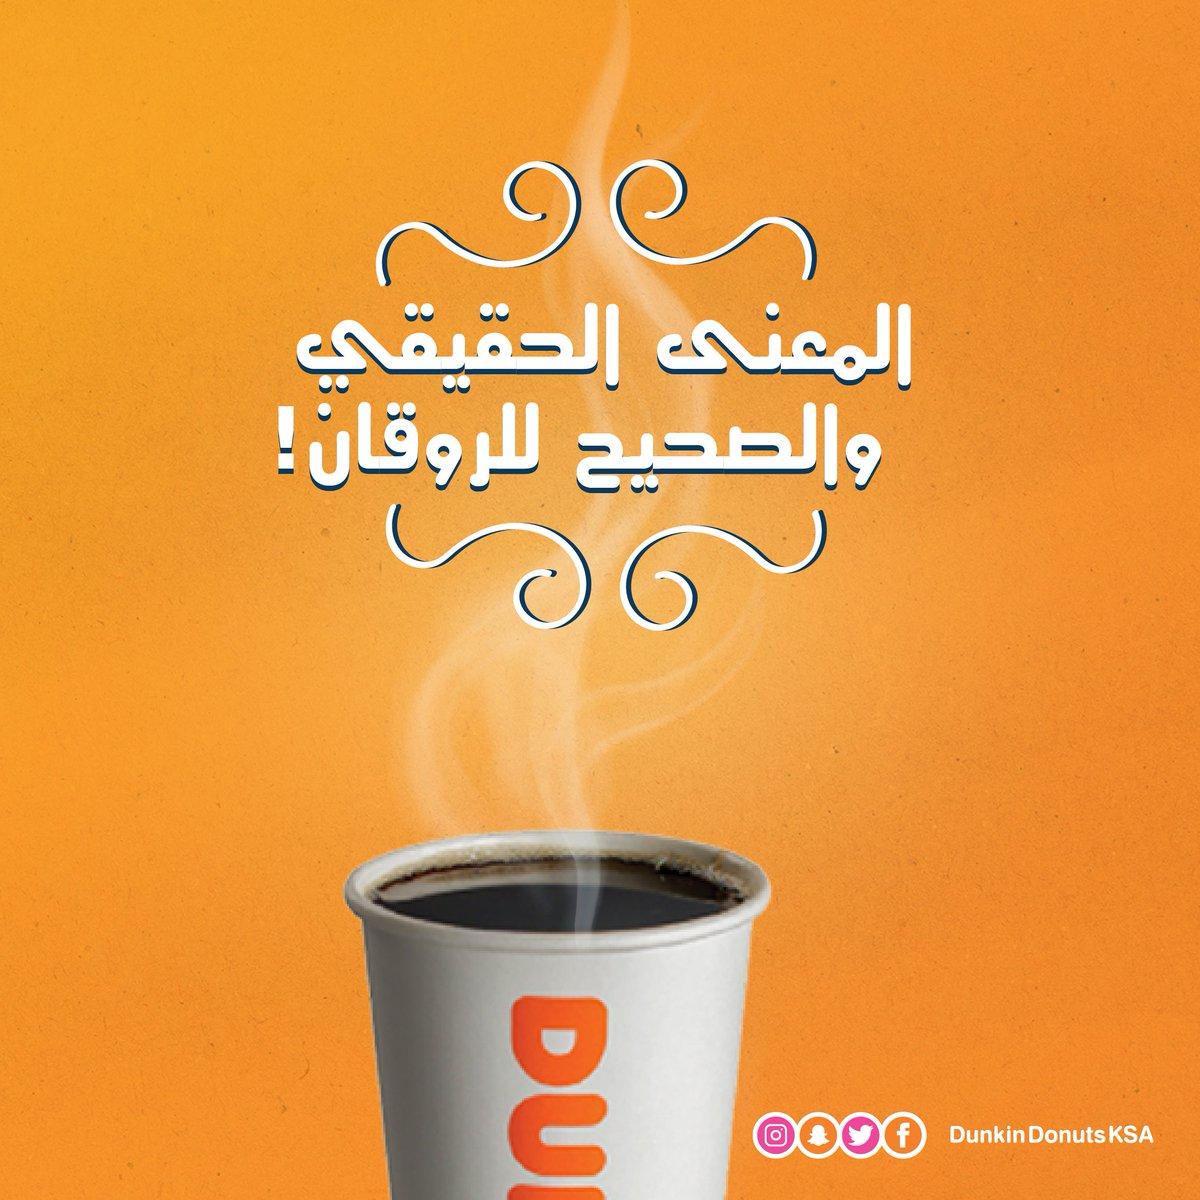 قهوة #دانكن   المعنى الصحيح والحقيقي للروقان! 💆🏻✅ https://t.co/VVx8oco3du